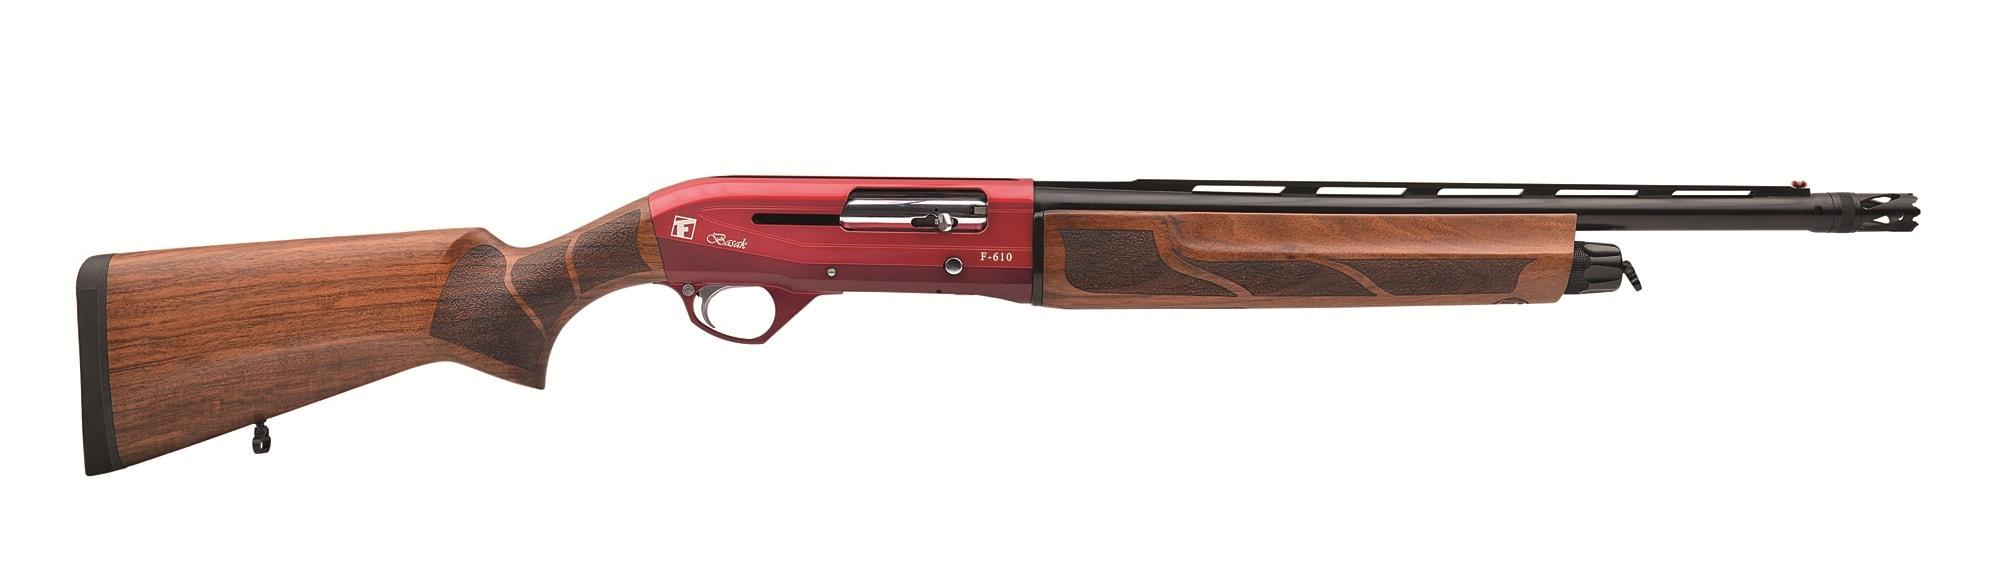 Basak F610 Red